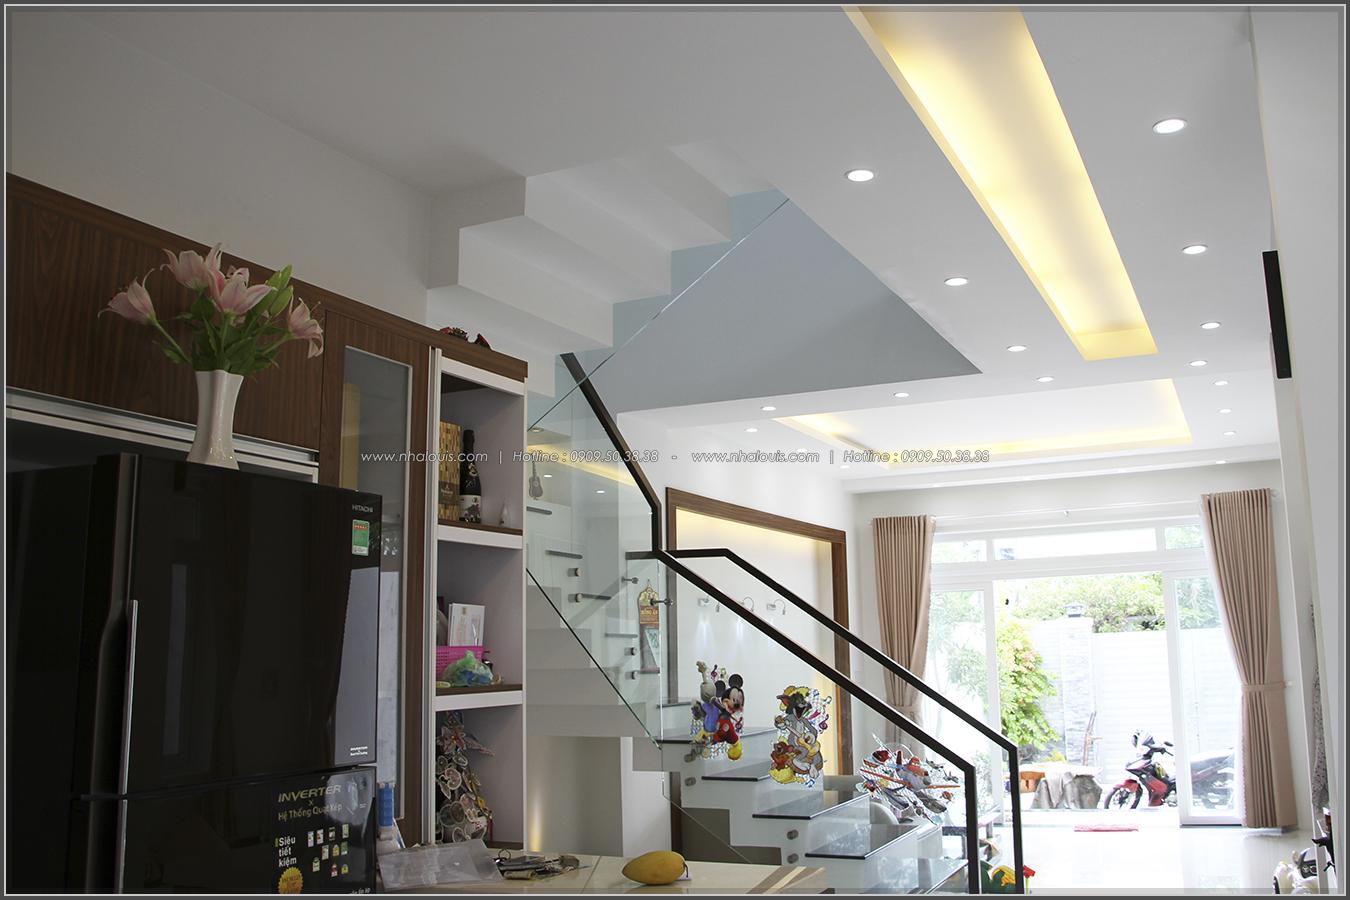 Thi công xây dựng nhà phố 1 trệt 1 lầu quận Bình Tân - 11